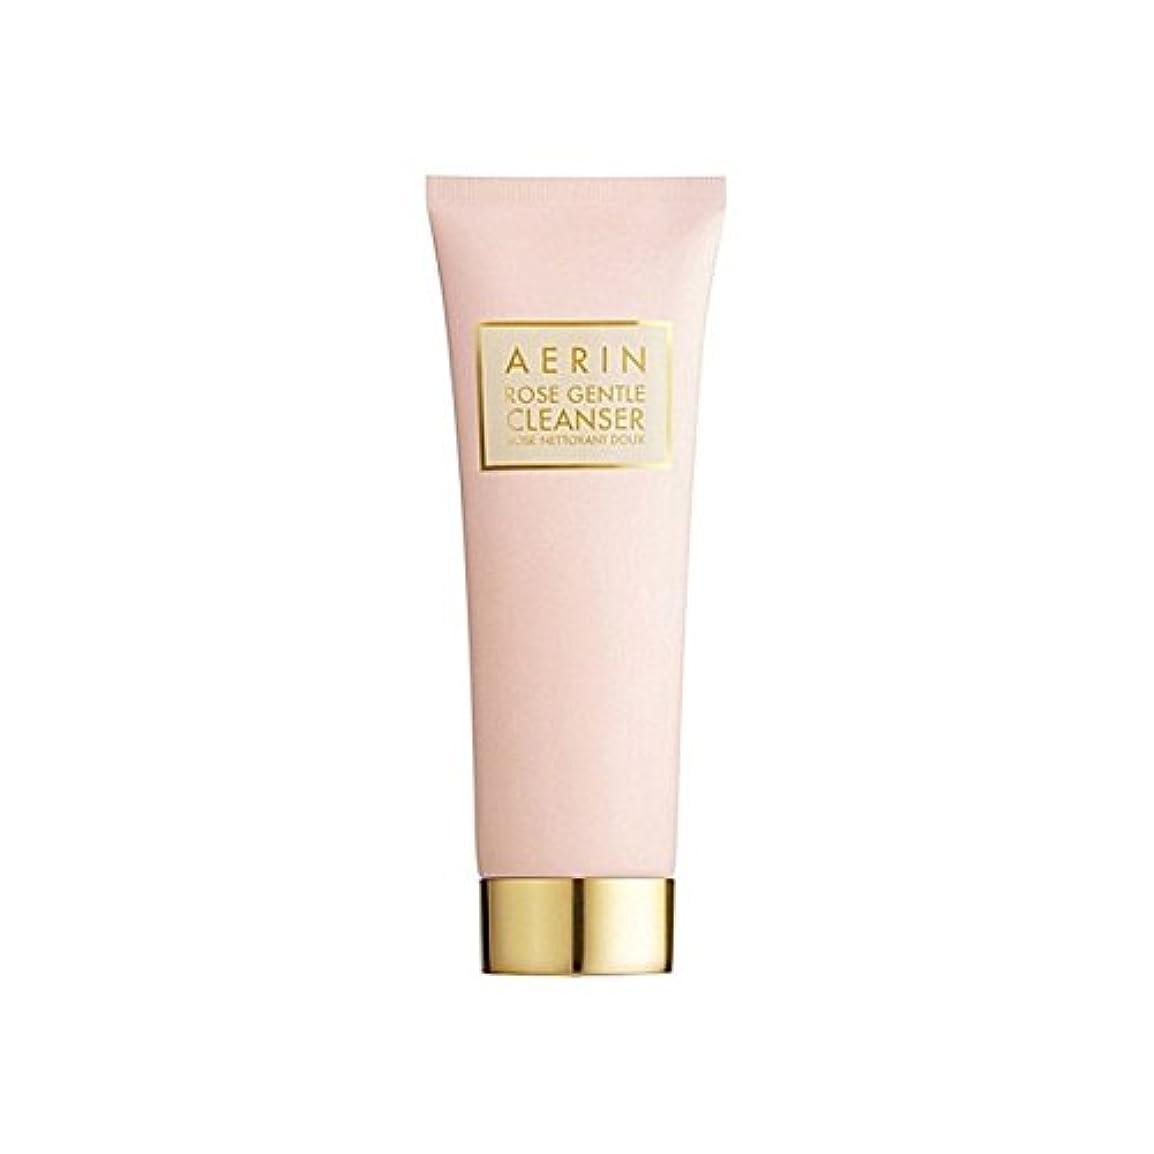 退屈なチキン役職Aerin Rose Gentle Cleanser 125ml (Pack of 6) - はジェントルクレンザーの125ミリリットルをバラ x6 [並行輸入品]